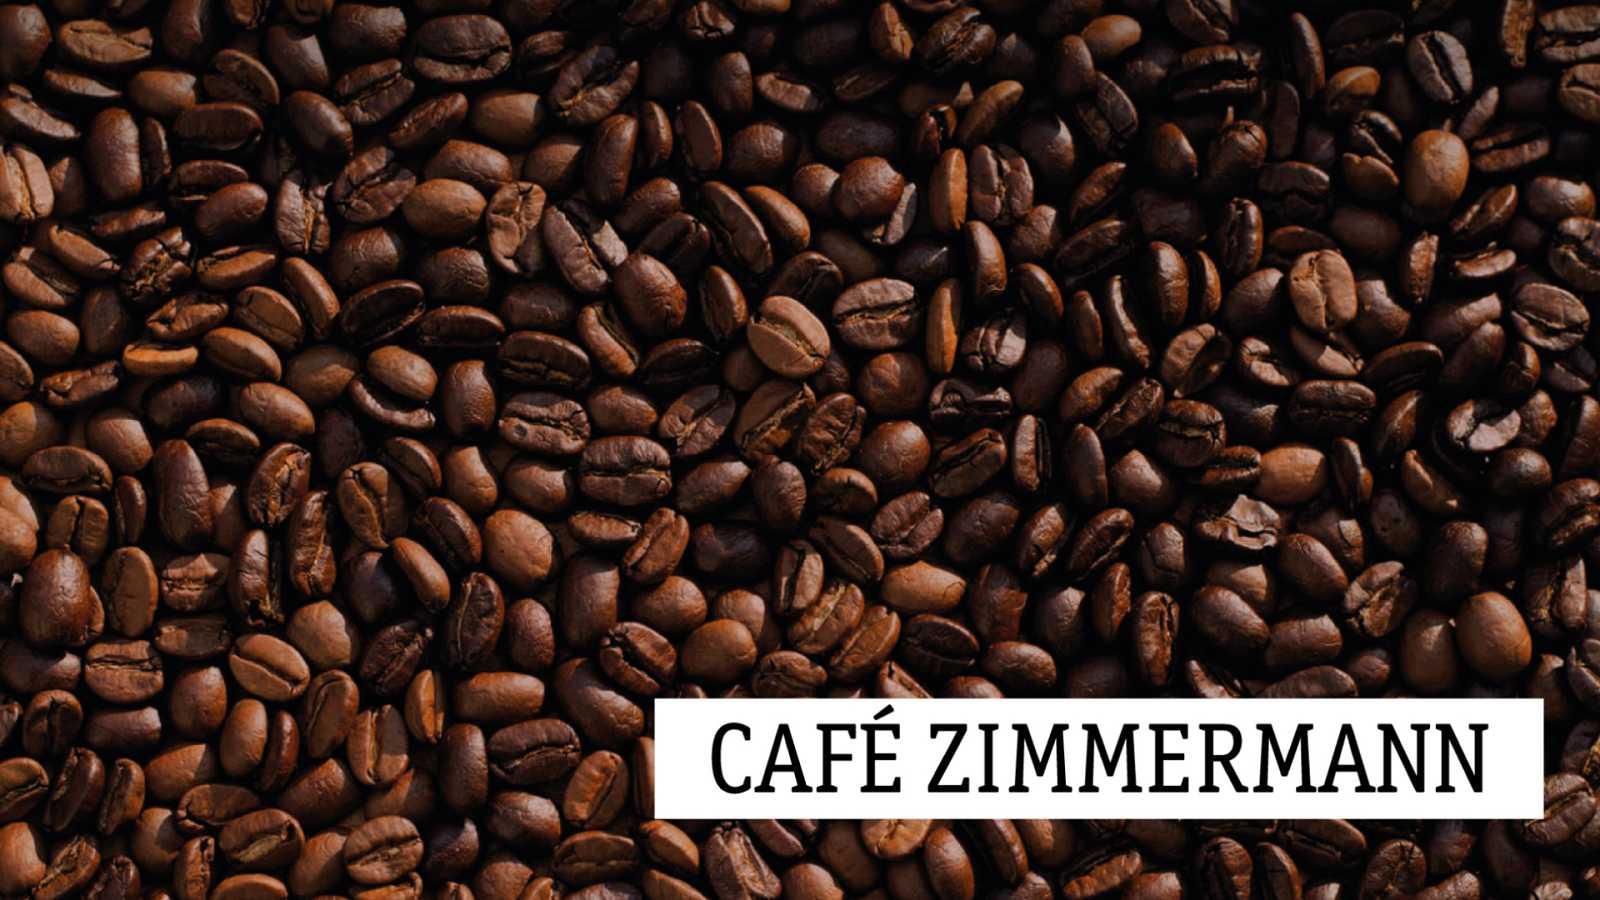 Café Zimmermann - El león de oro (entrevista con su director, Marco Antonio García de Paz) - 25/12/20 - escuchar ahora